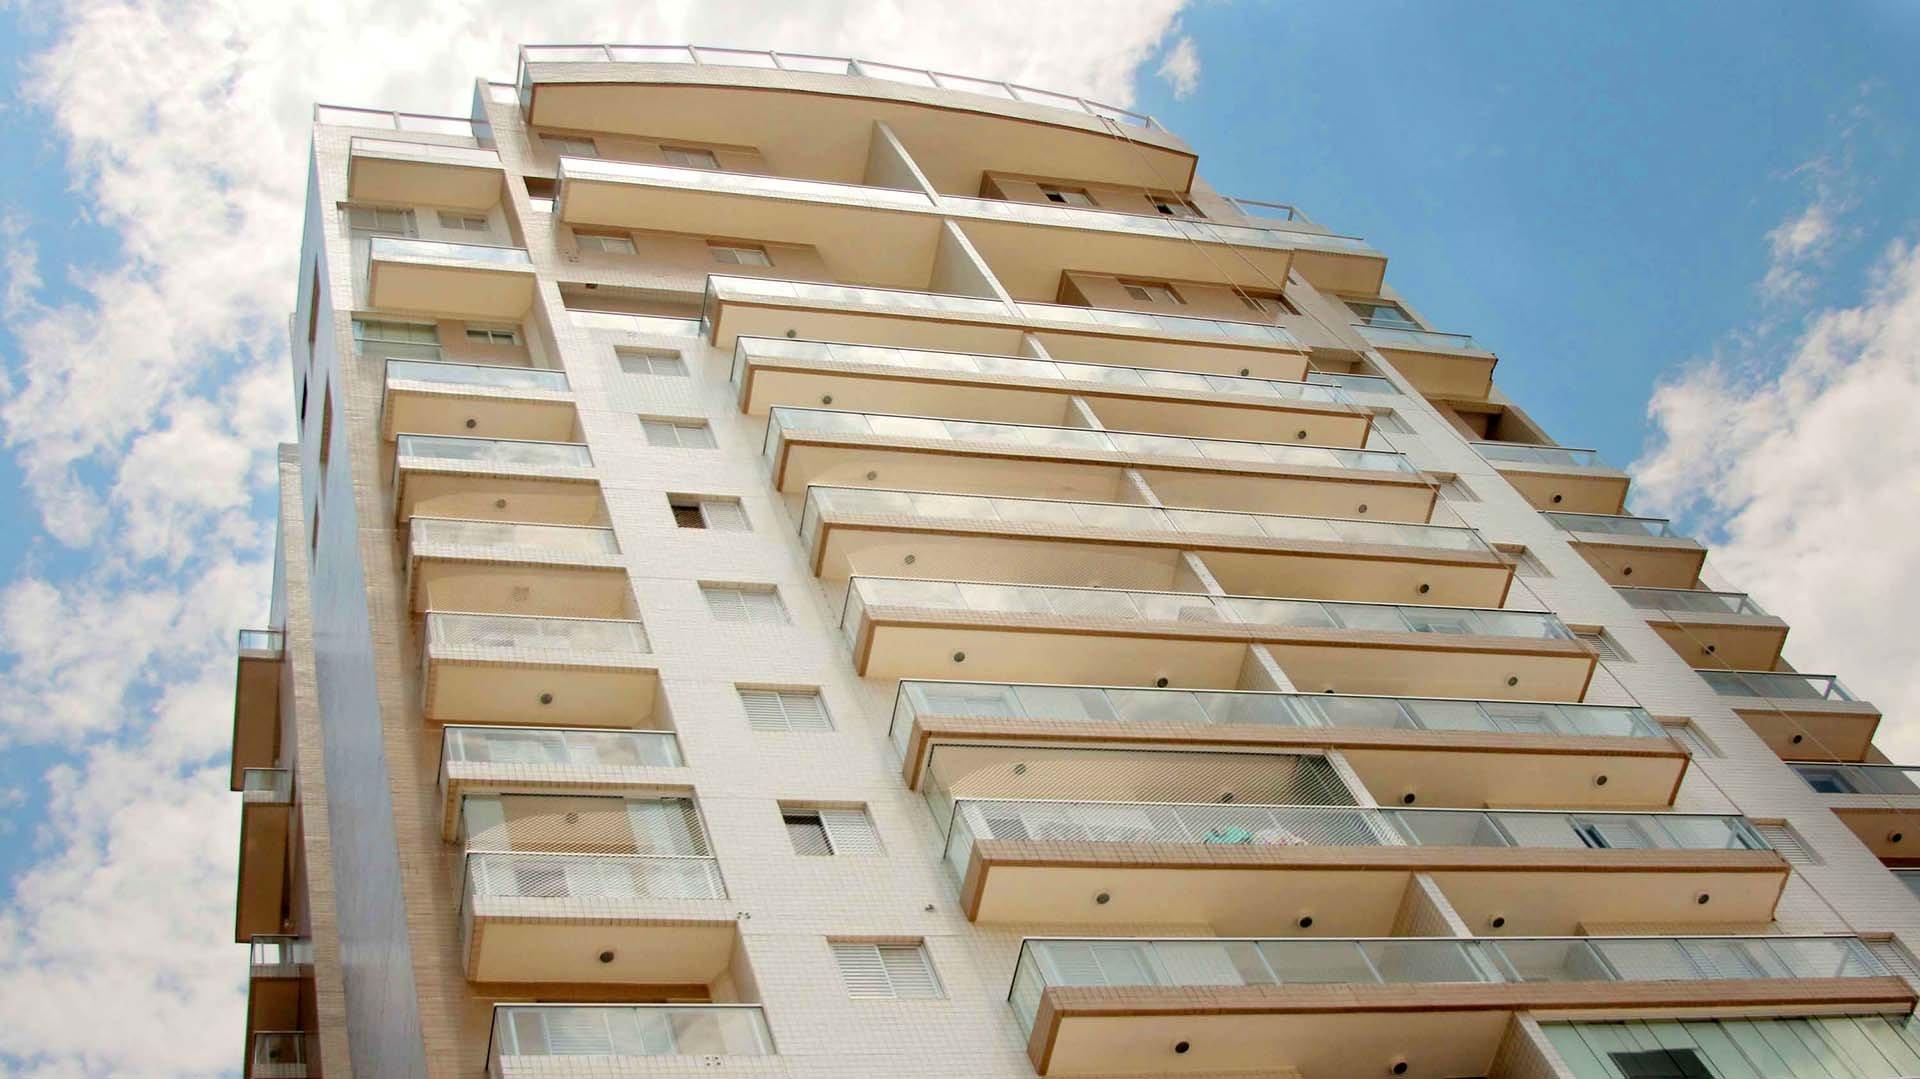 En el complejo Solaris, el presidente Lula da Silva poseería un tríplex de 215 metros cuadrados. Desde su balcón puede ver la inmensidad del mar